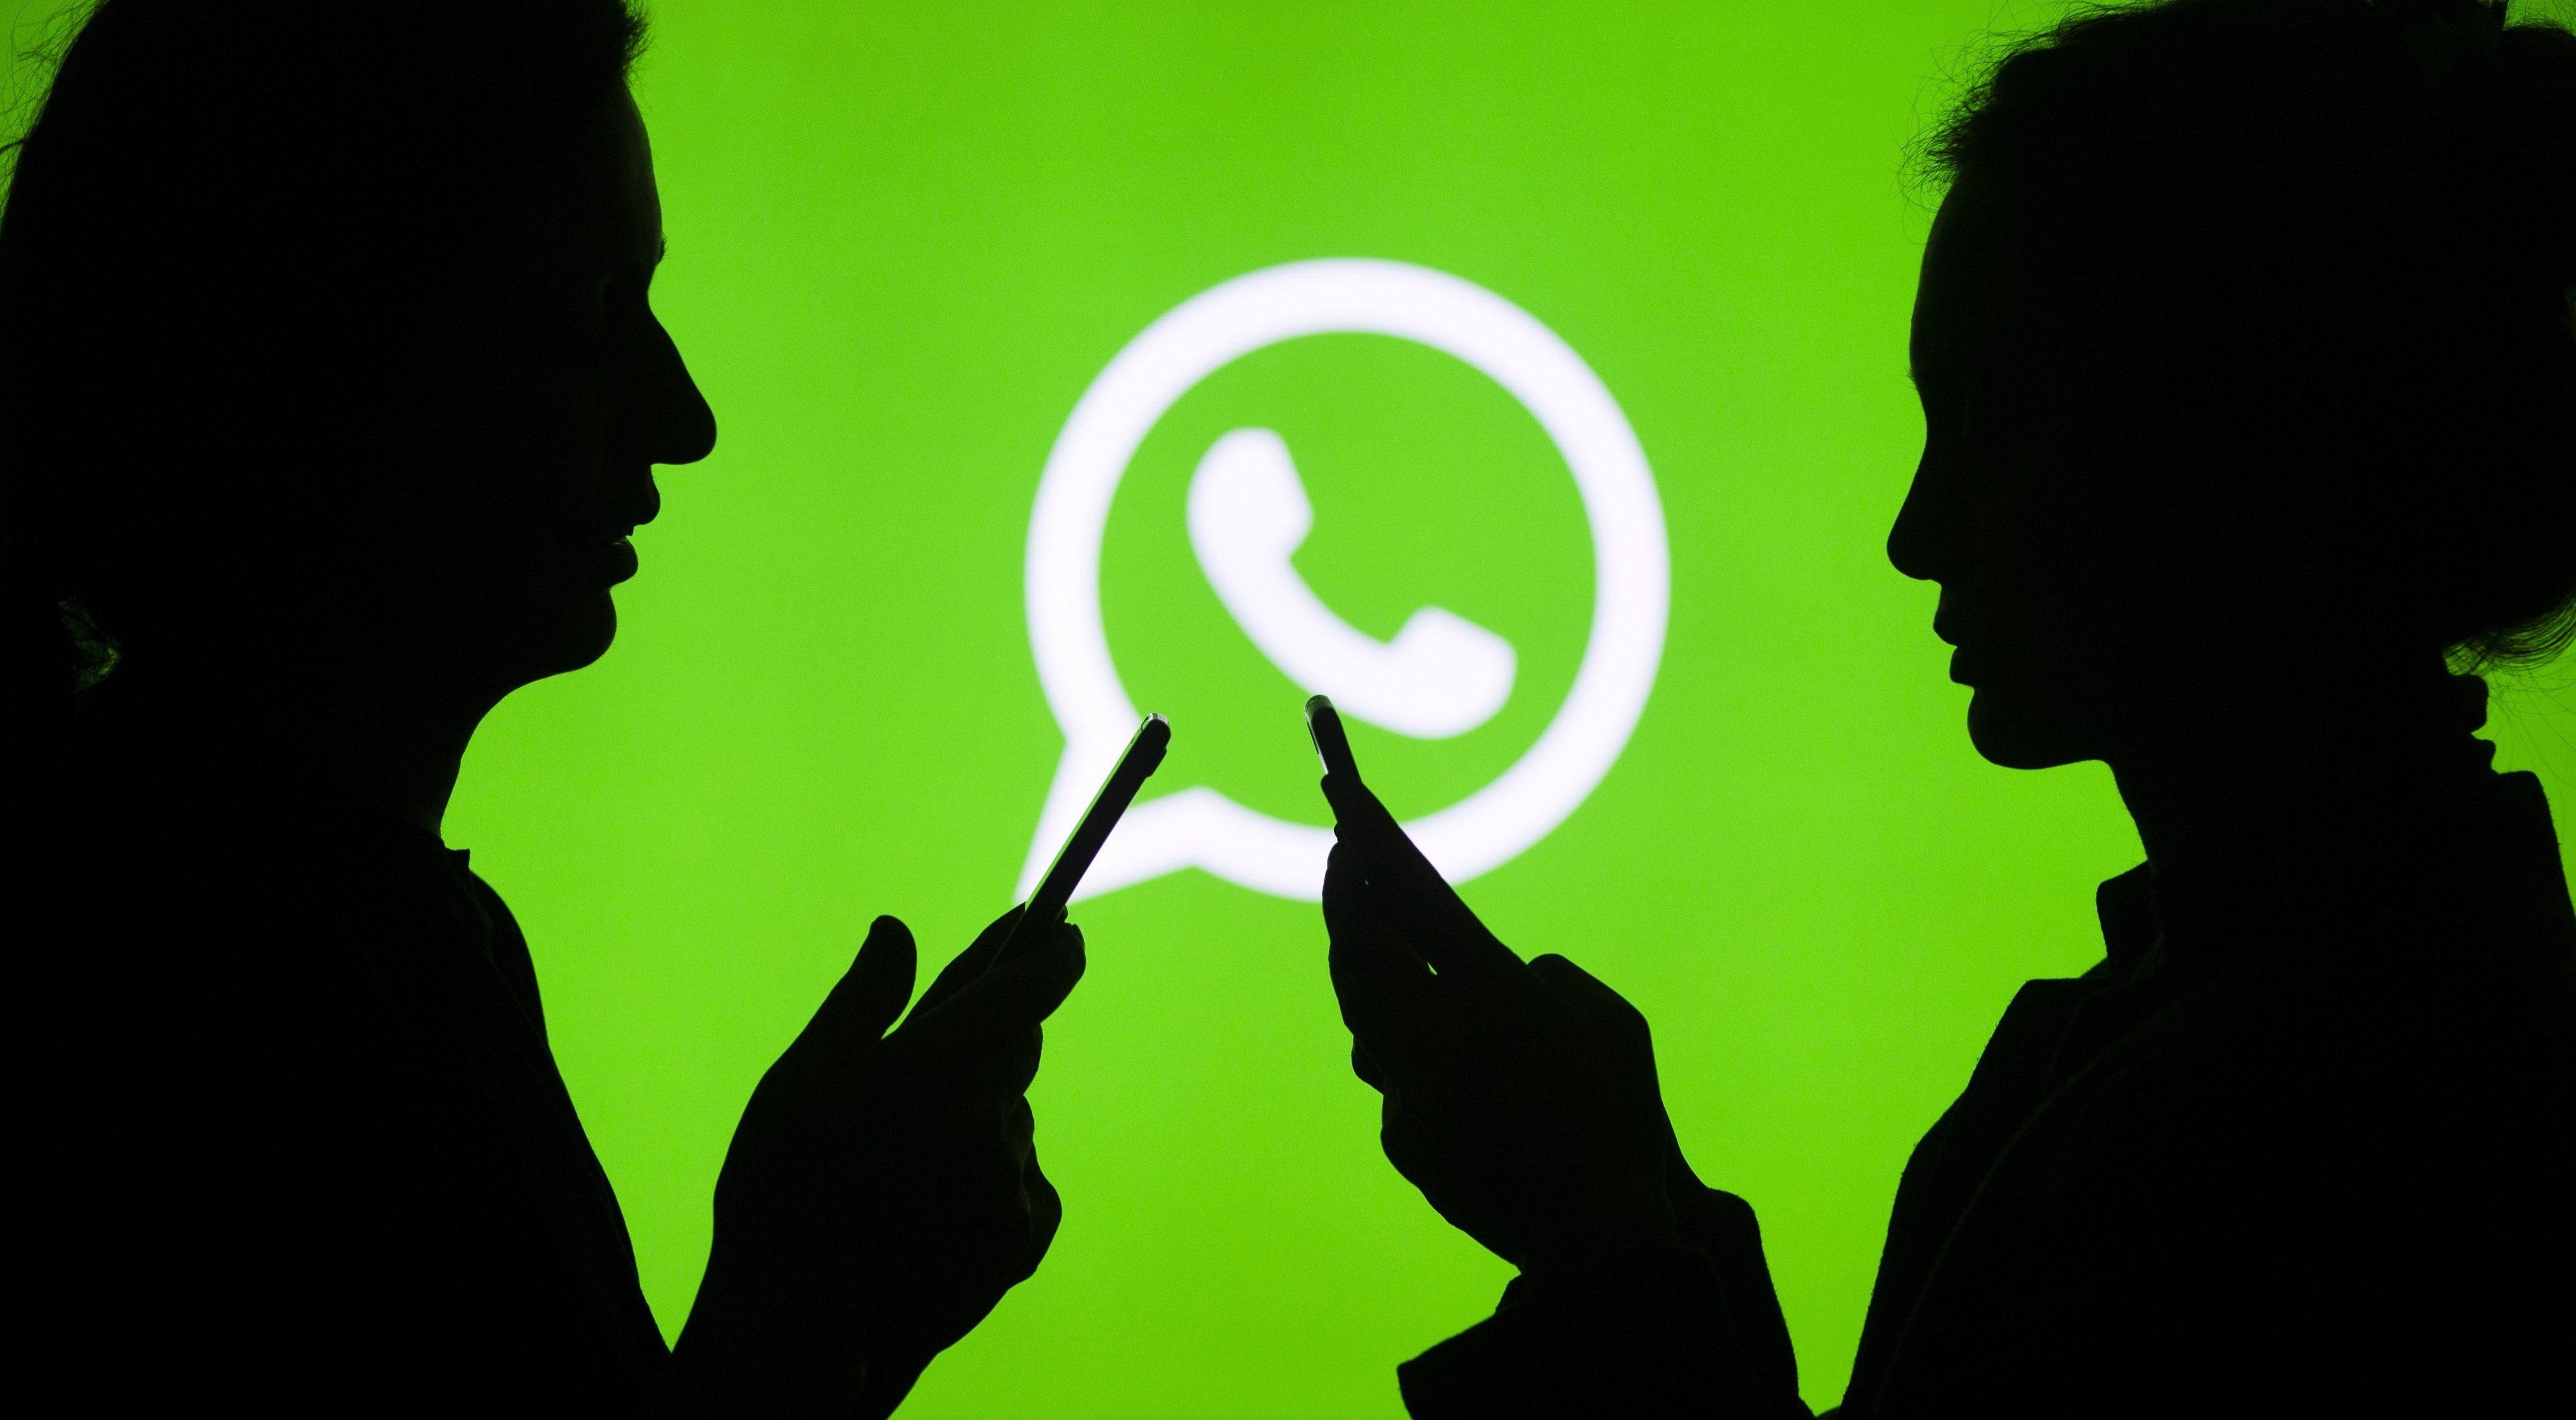 WhatsApp ngừng hoạt động trên hàng triệu điện thoại trong tuần này - bạn có trong danh sách không? 1